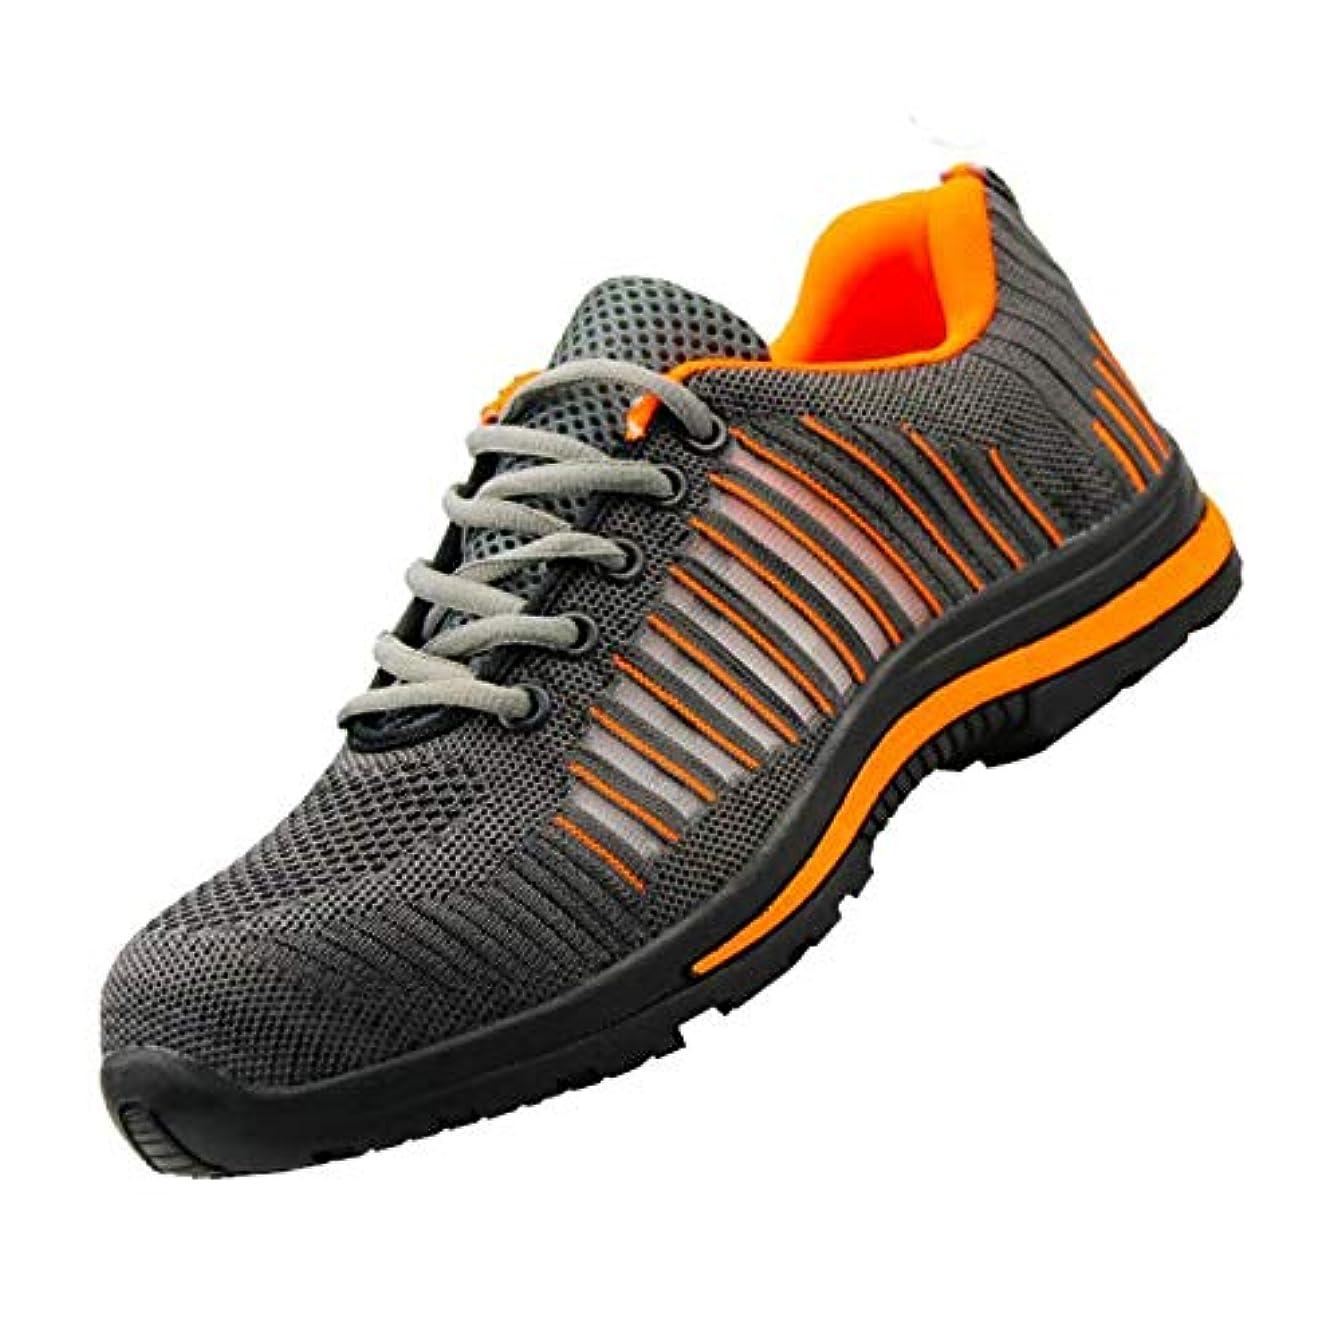 出版浸食ハント安全靴 スニーカー 作業靴 メンズ レディース 鋼先芯 鋼製ミッドソール 軽量 通気 耐摩耗 衝撃吸収 2018新定番 男女兼用